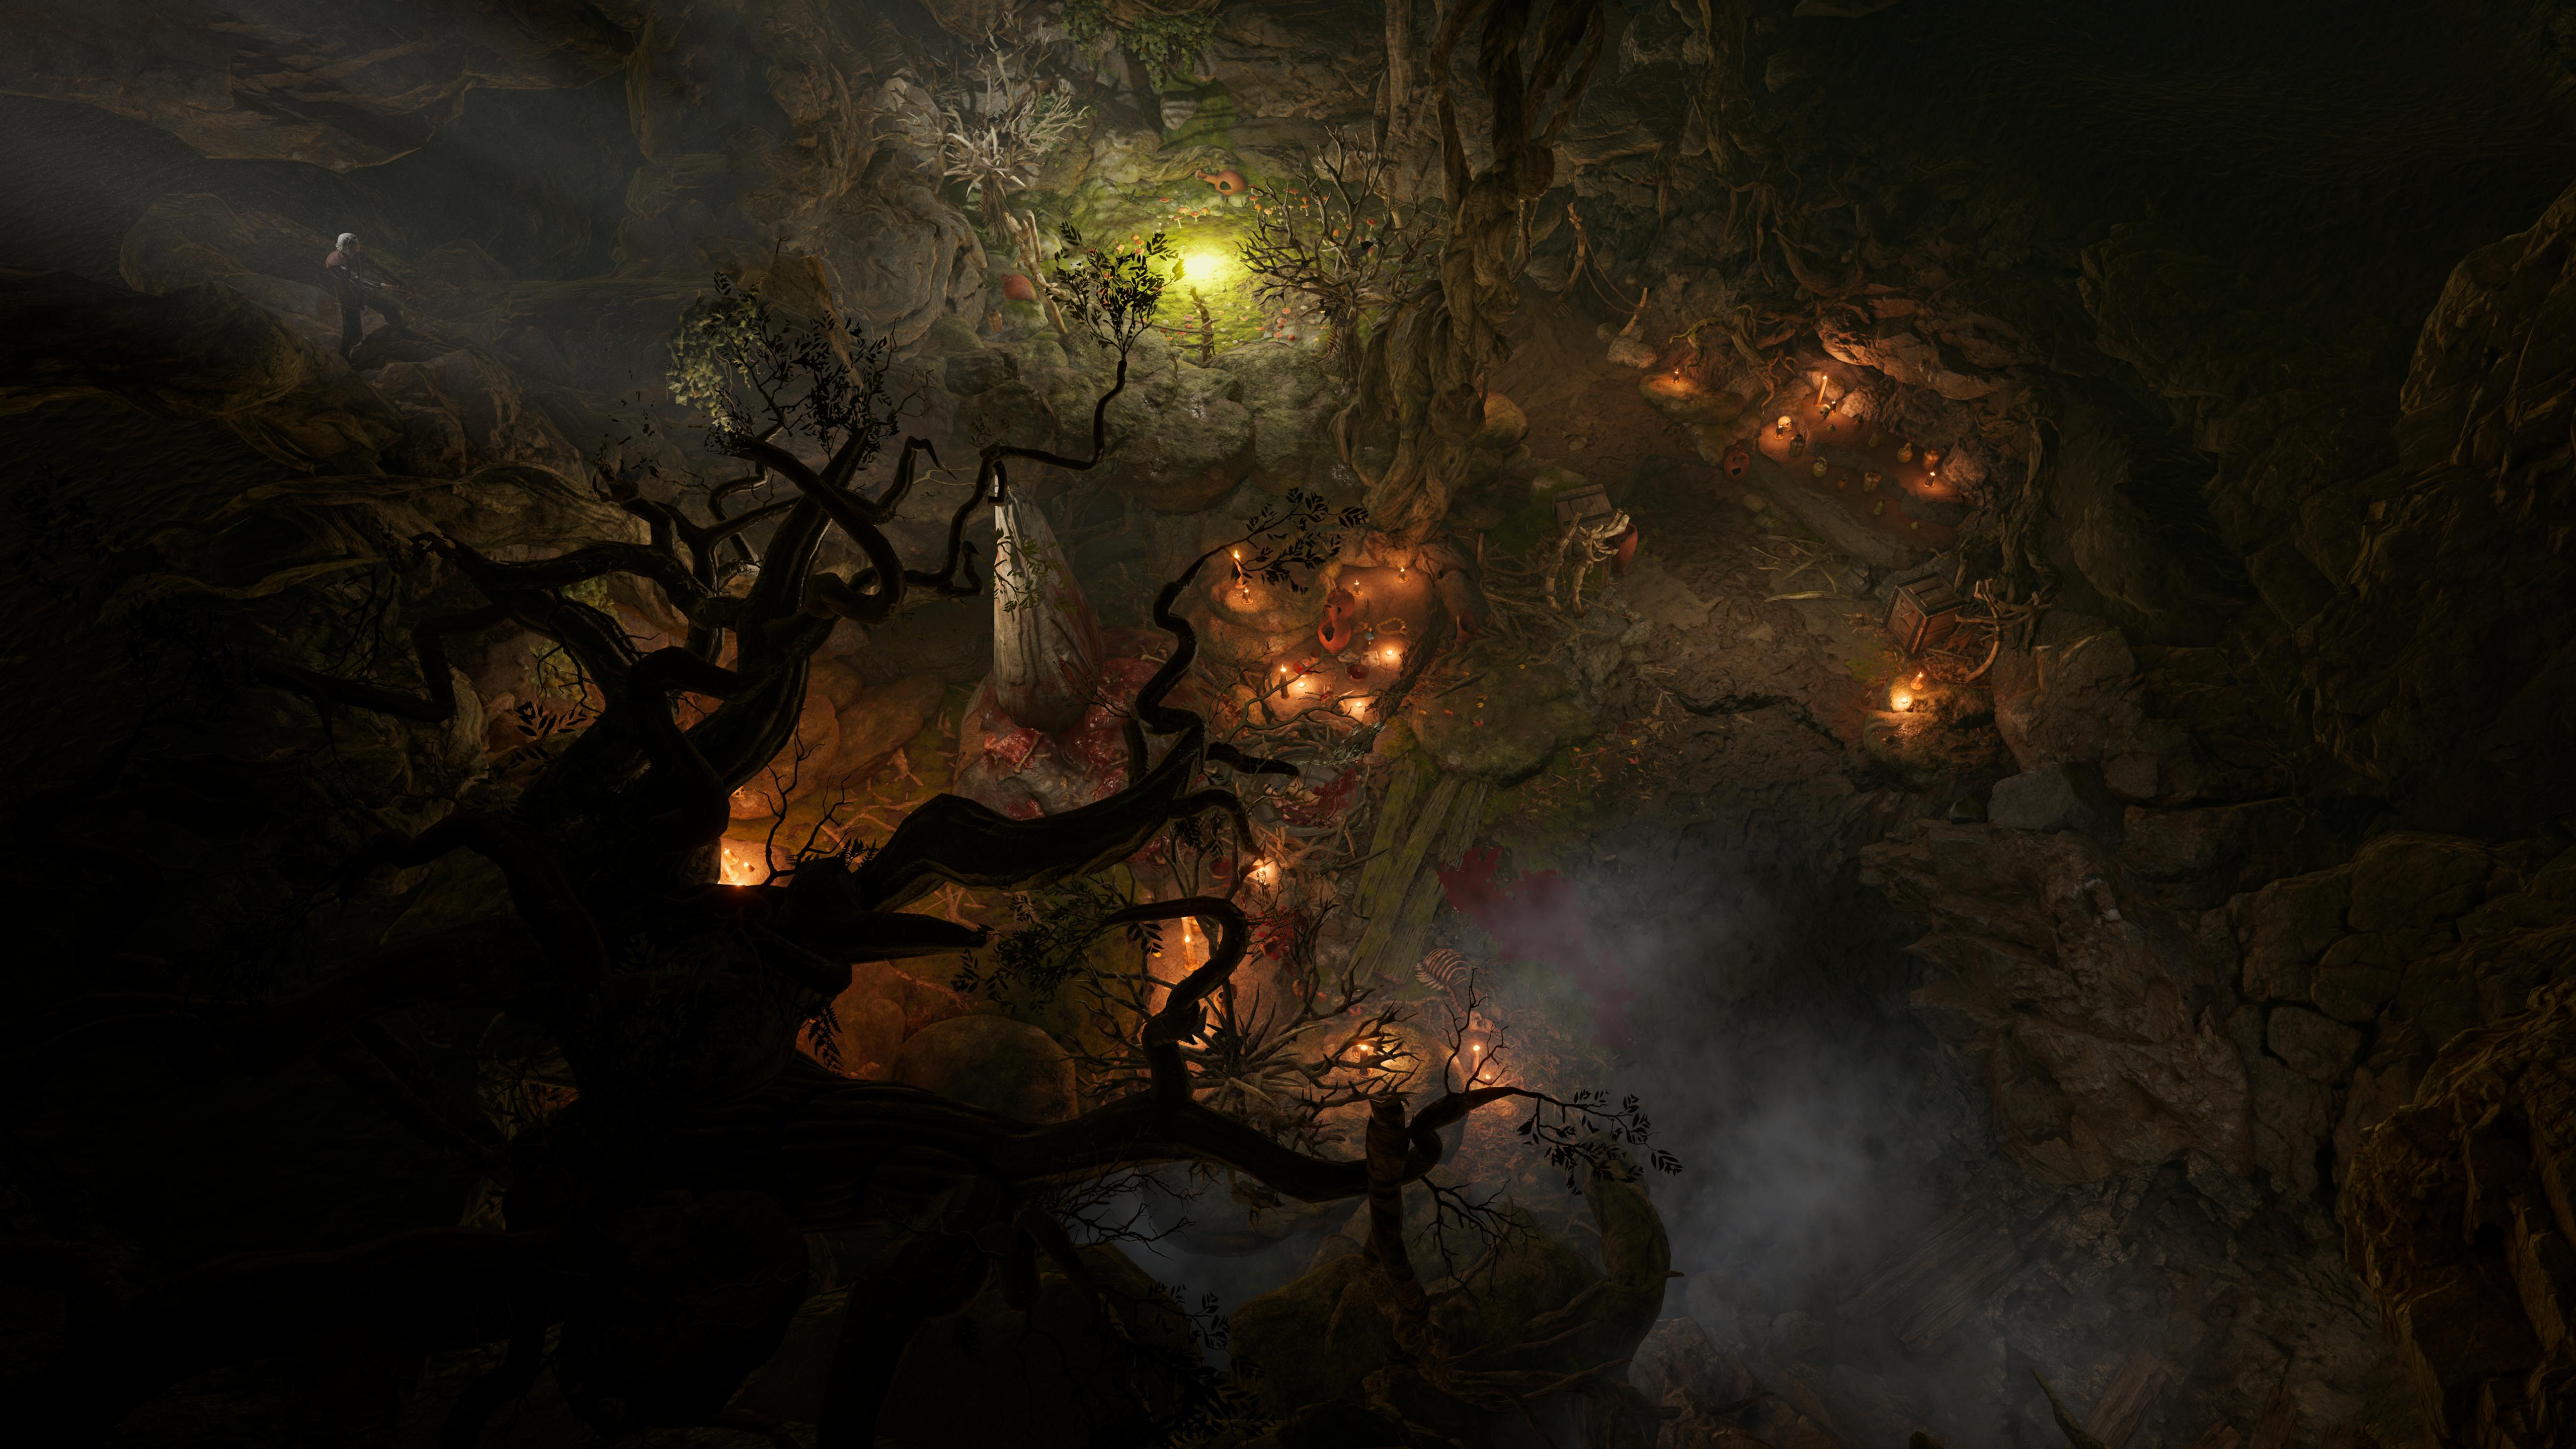 Capture d'écran de gameplay de Baldur's Gate 3, le nouveau RPG de Larian Studios construit sur D&D 5e édition.